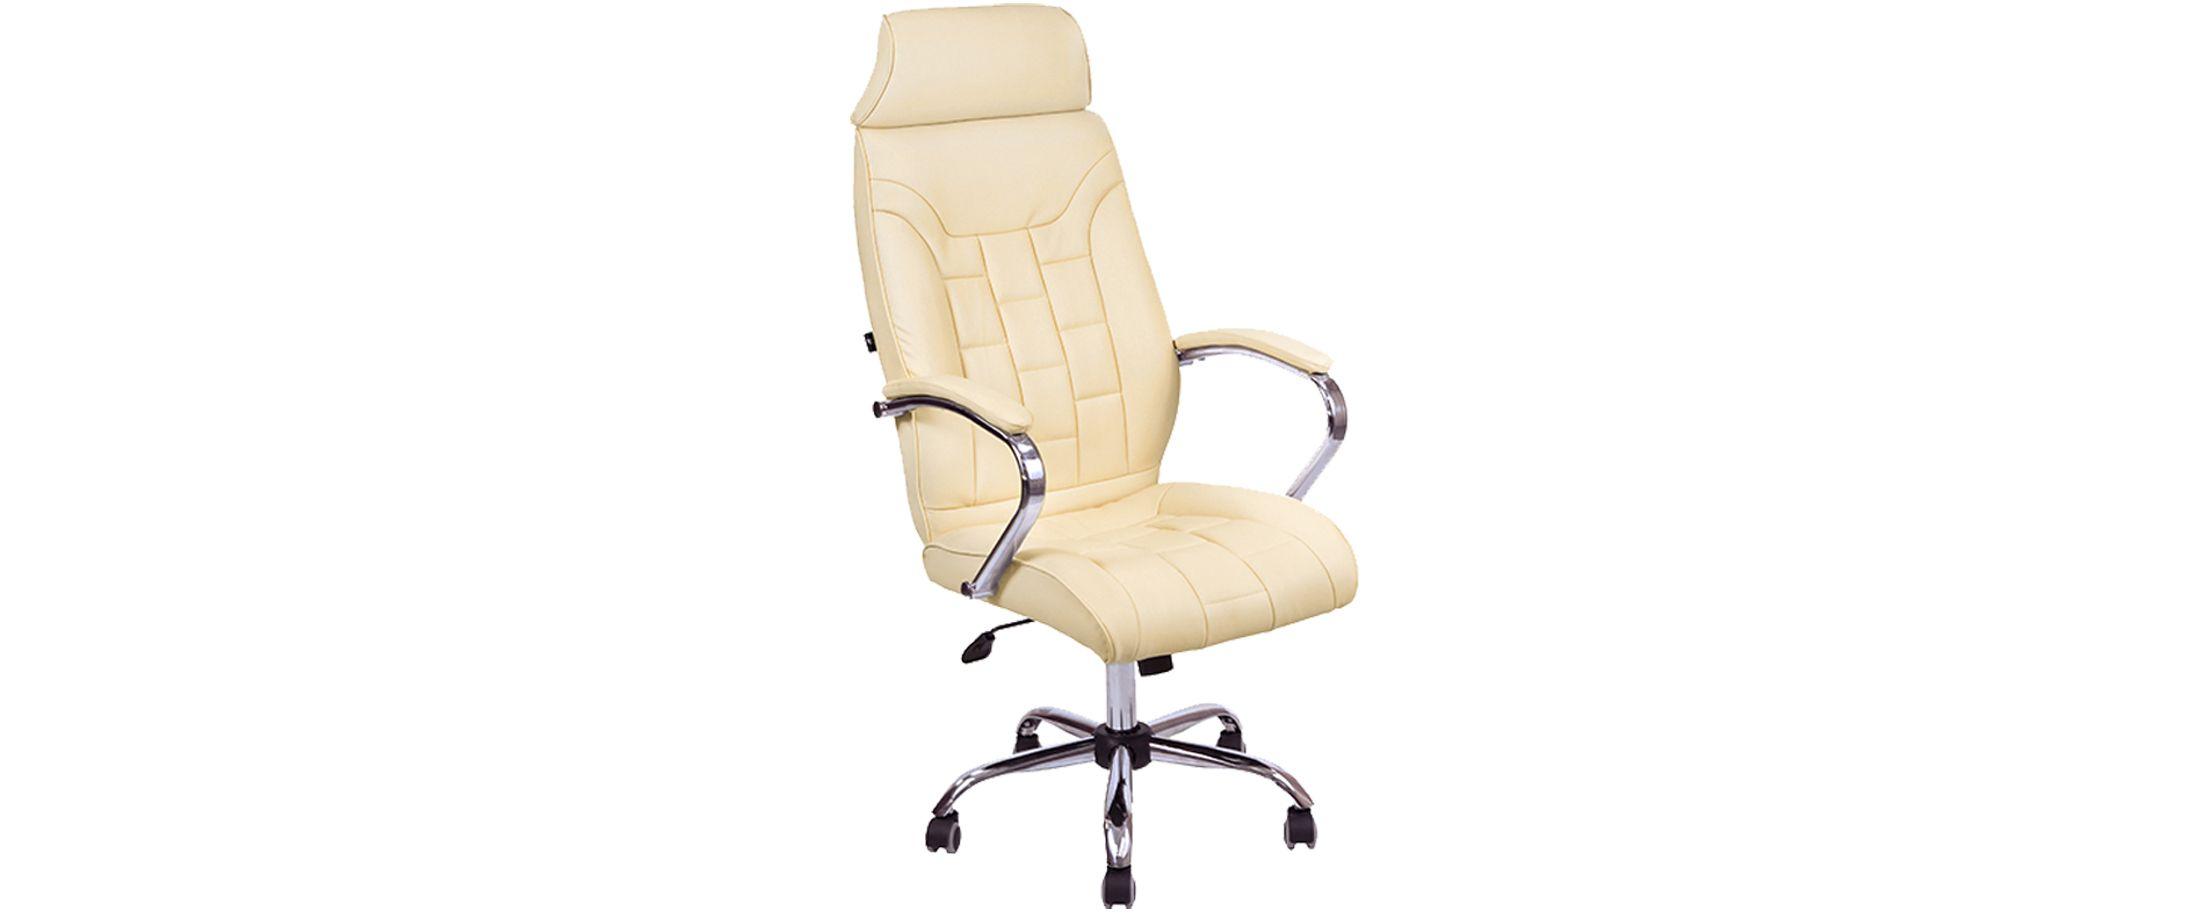 Кресло офисное AV 130 из экокожи цвет слоновая кость Модель 999Кресло офисное AV 130 из экокожи цвет слоновая кость Модель 999. Артикул Д000717<br>